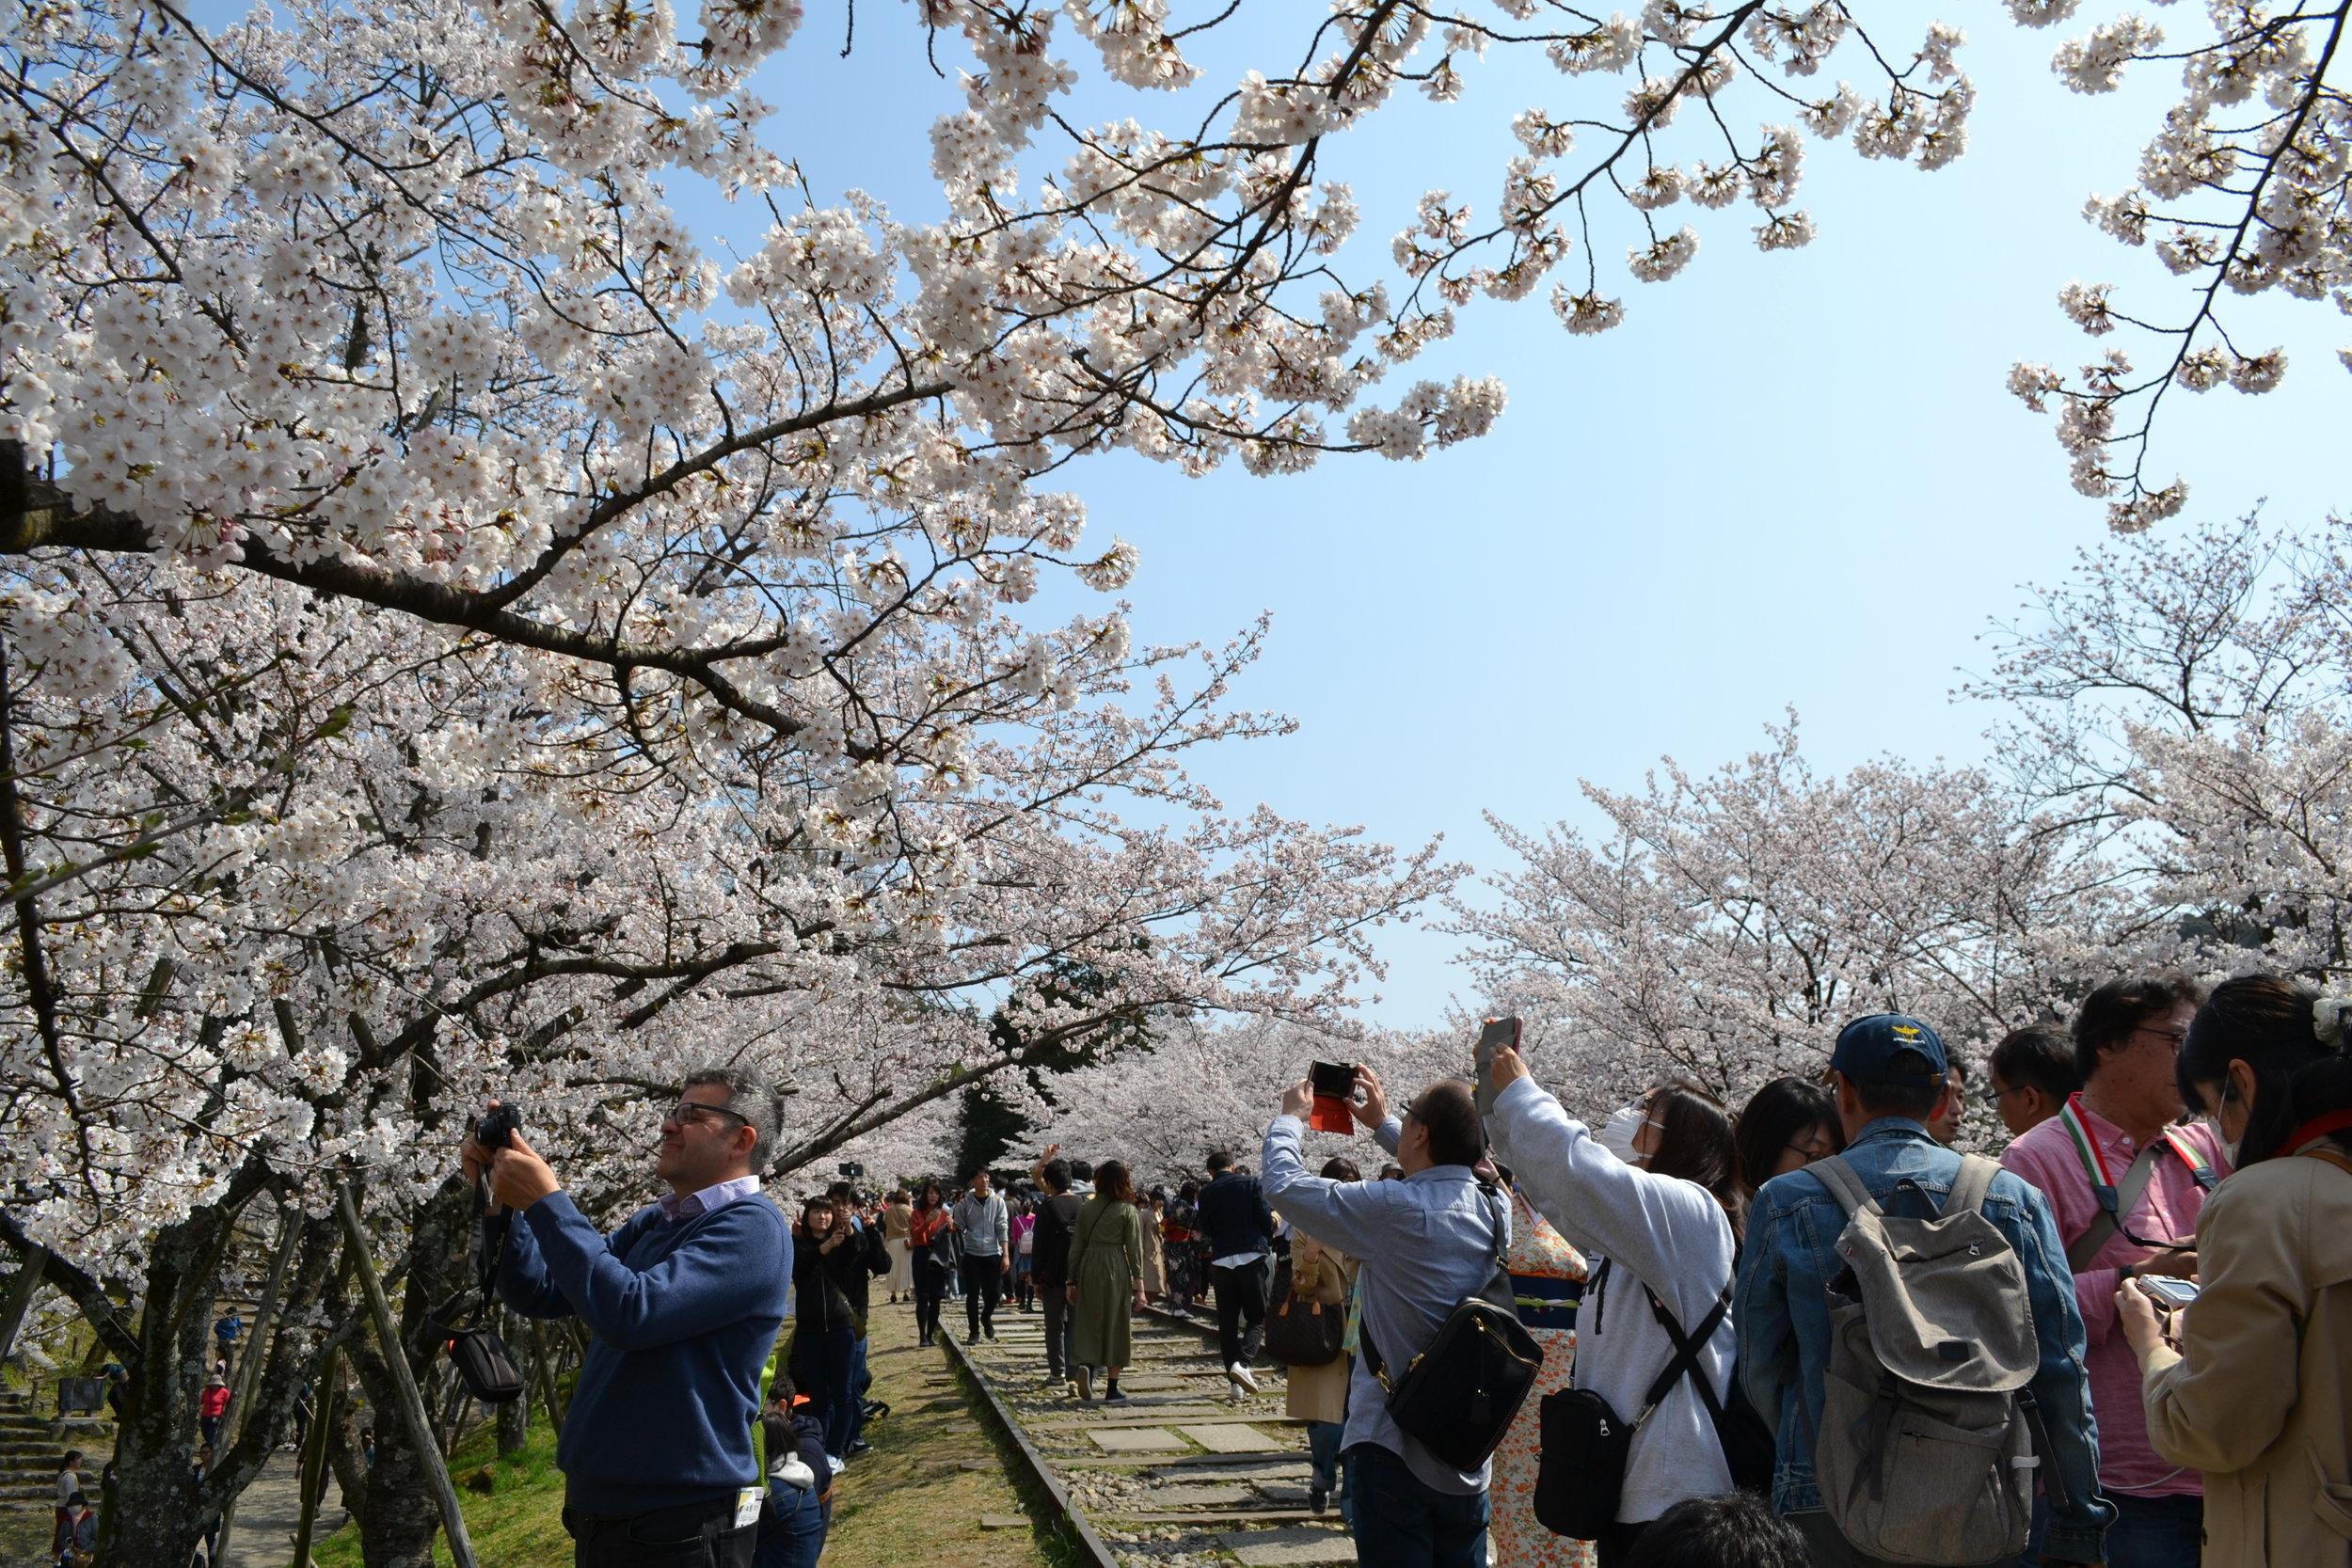 No pude tomar foto con de las flores y las vías sin la gente, pero me gusta que se puede ver que tan popular es la Inclinación de Keage. Habían turistas y gente Japonesa también, todos experimentando una belleza fugaz.